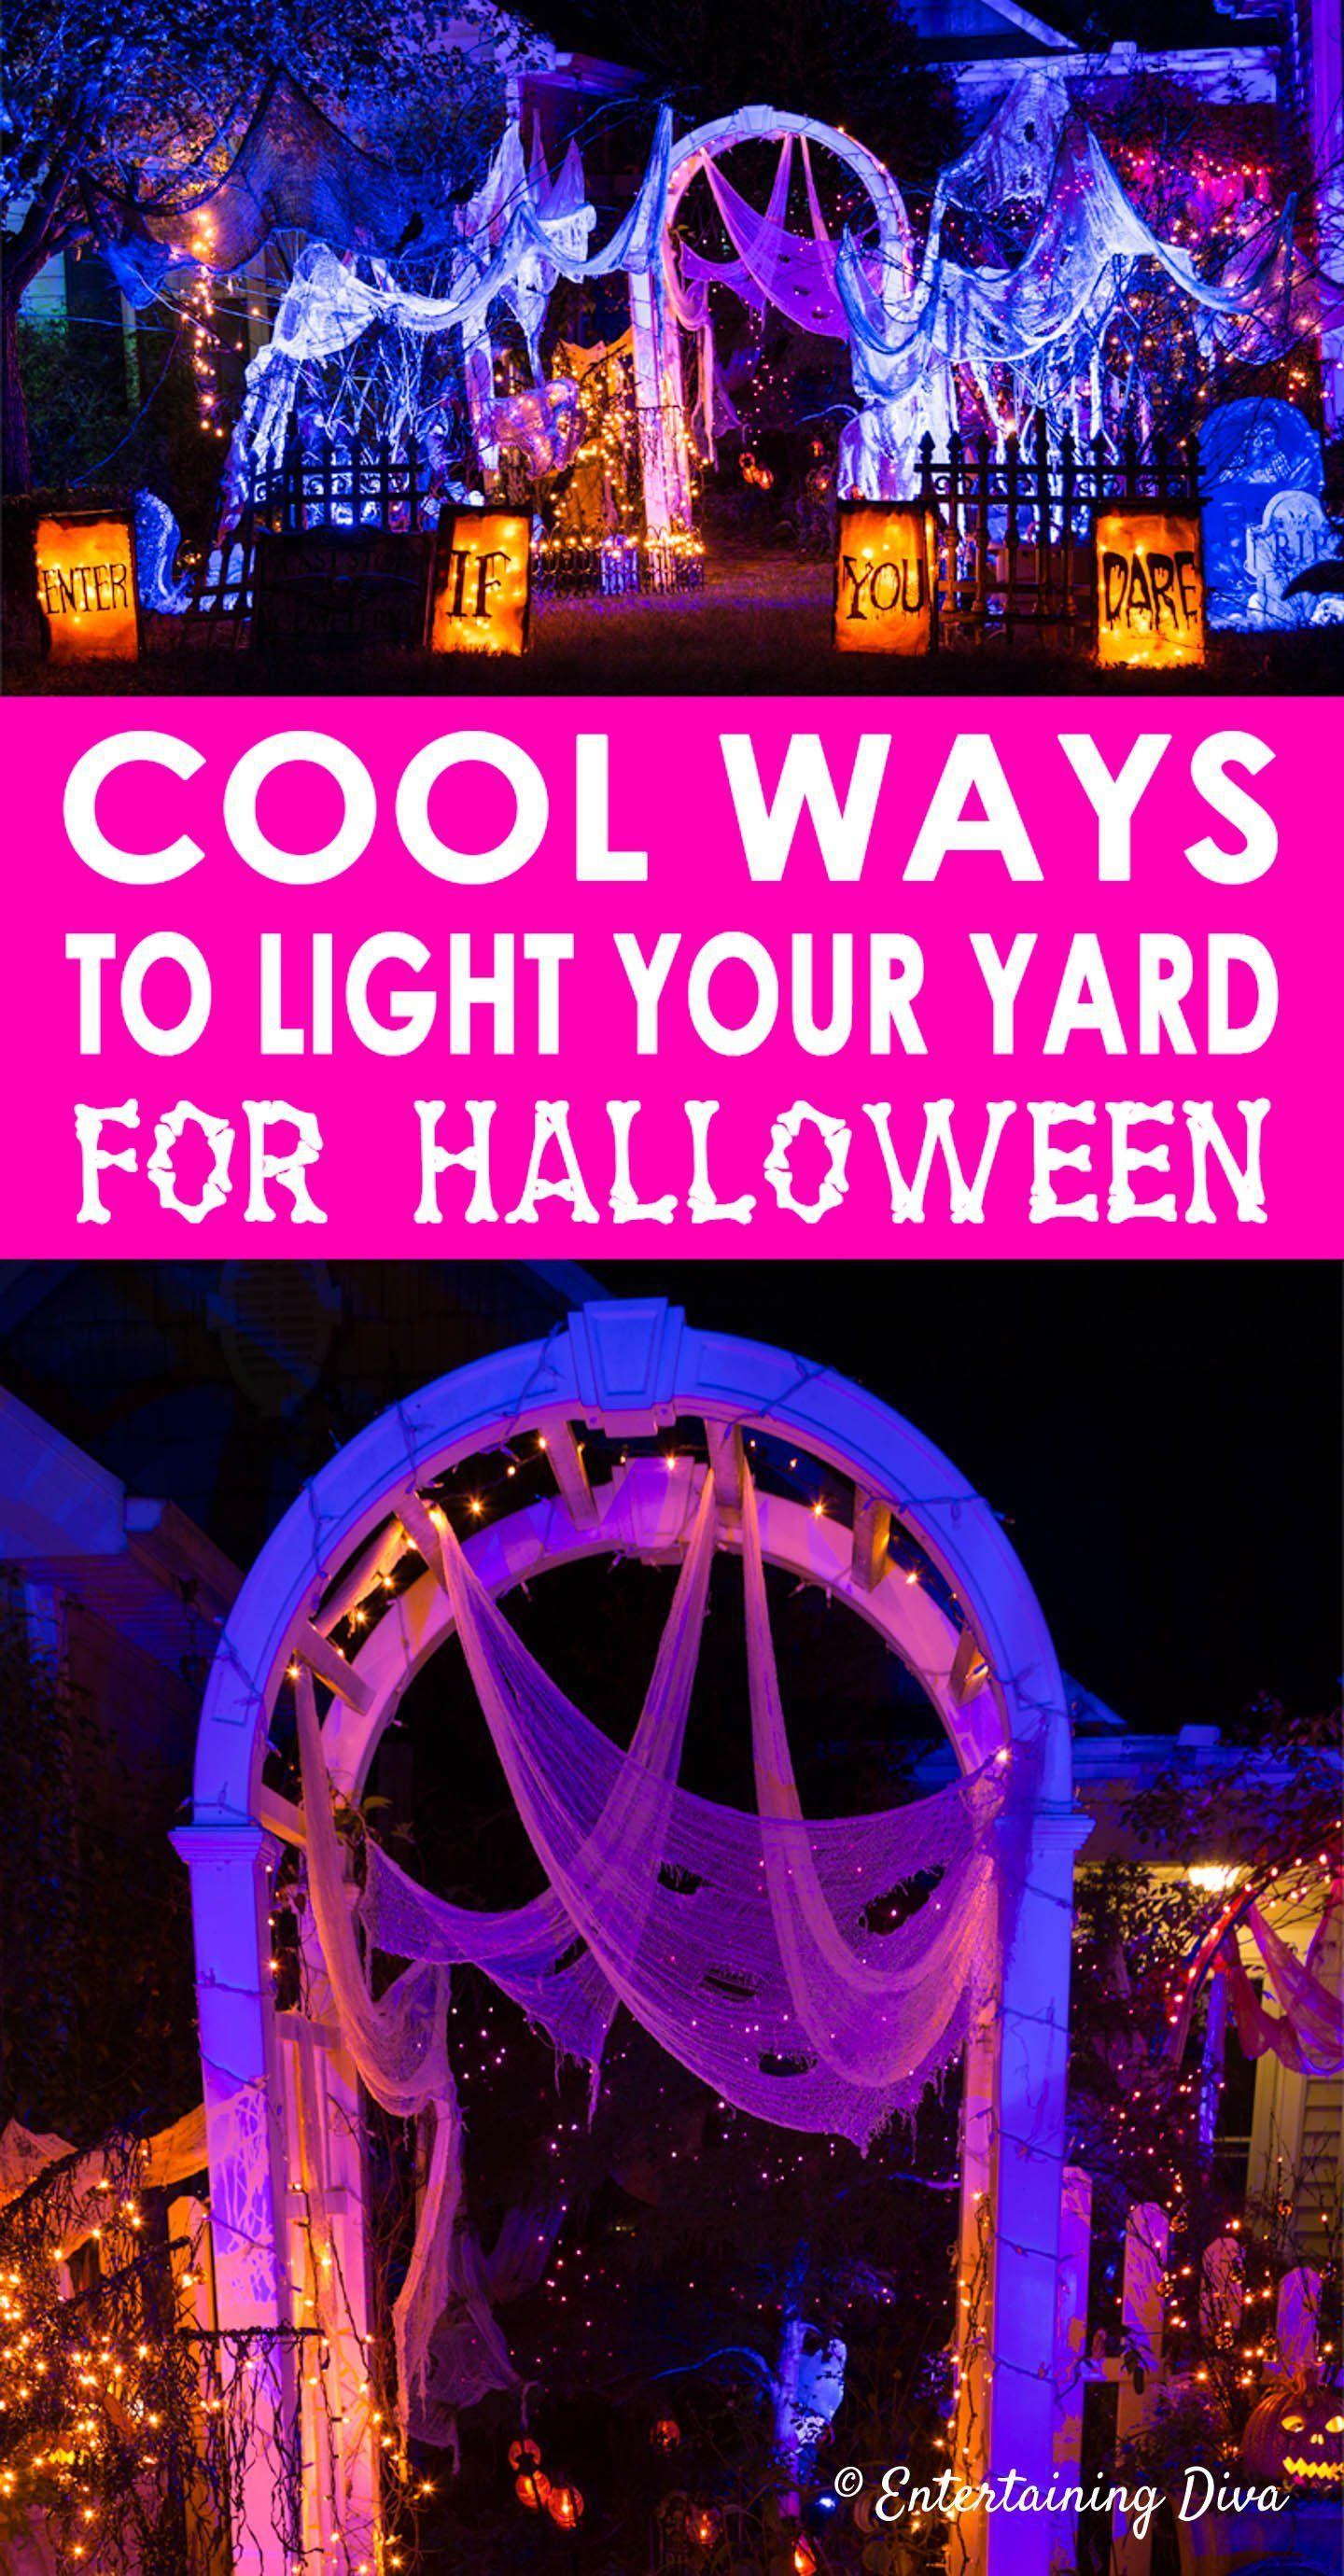 Halloween Outdoor Lighting: 7 Spooky Ways To Light Your Yard | Jack ...